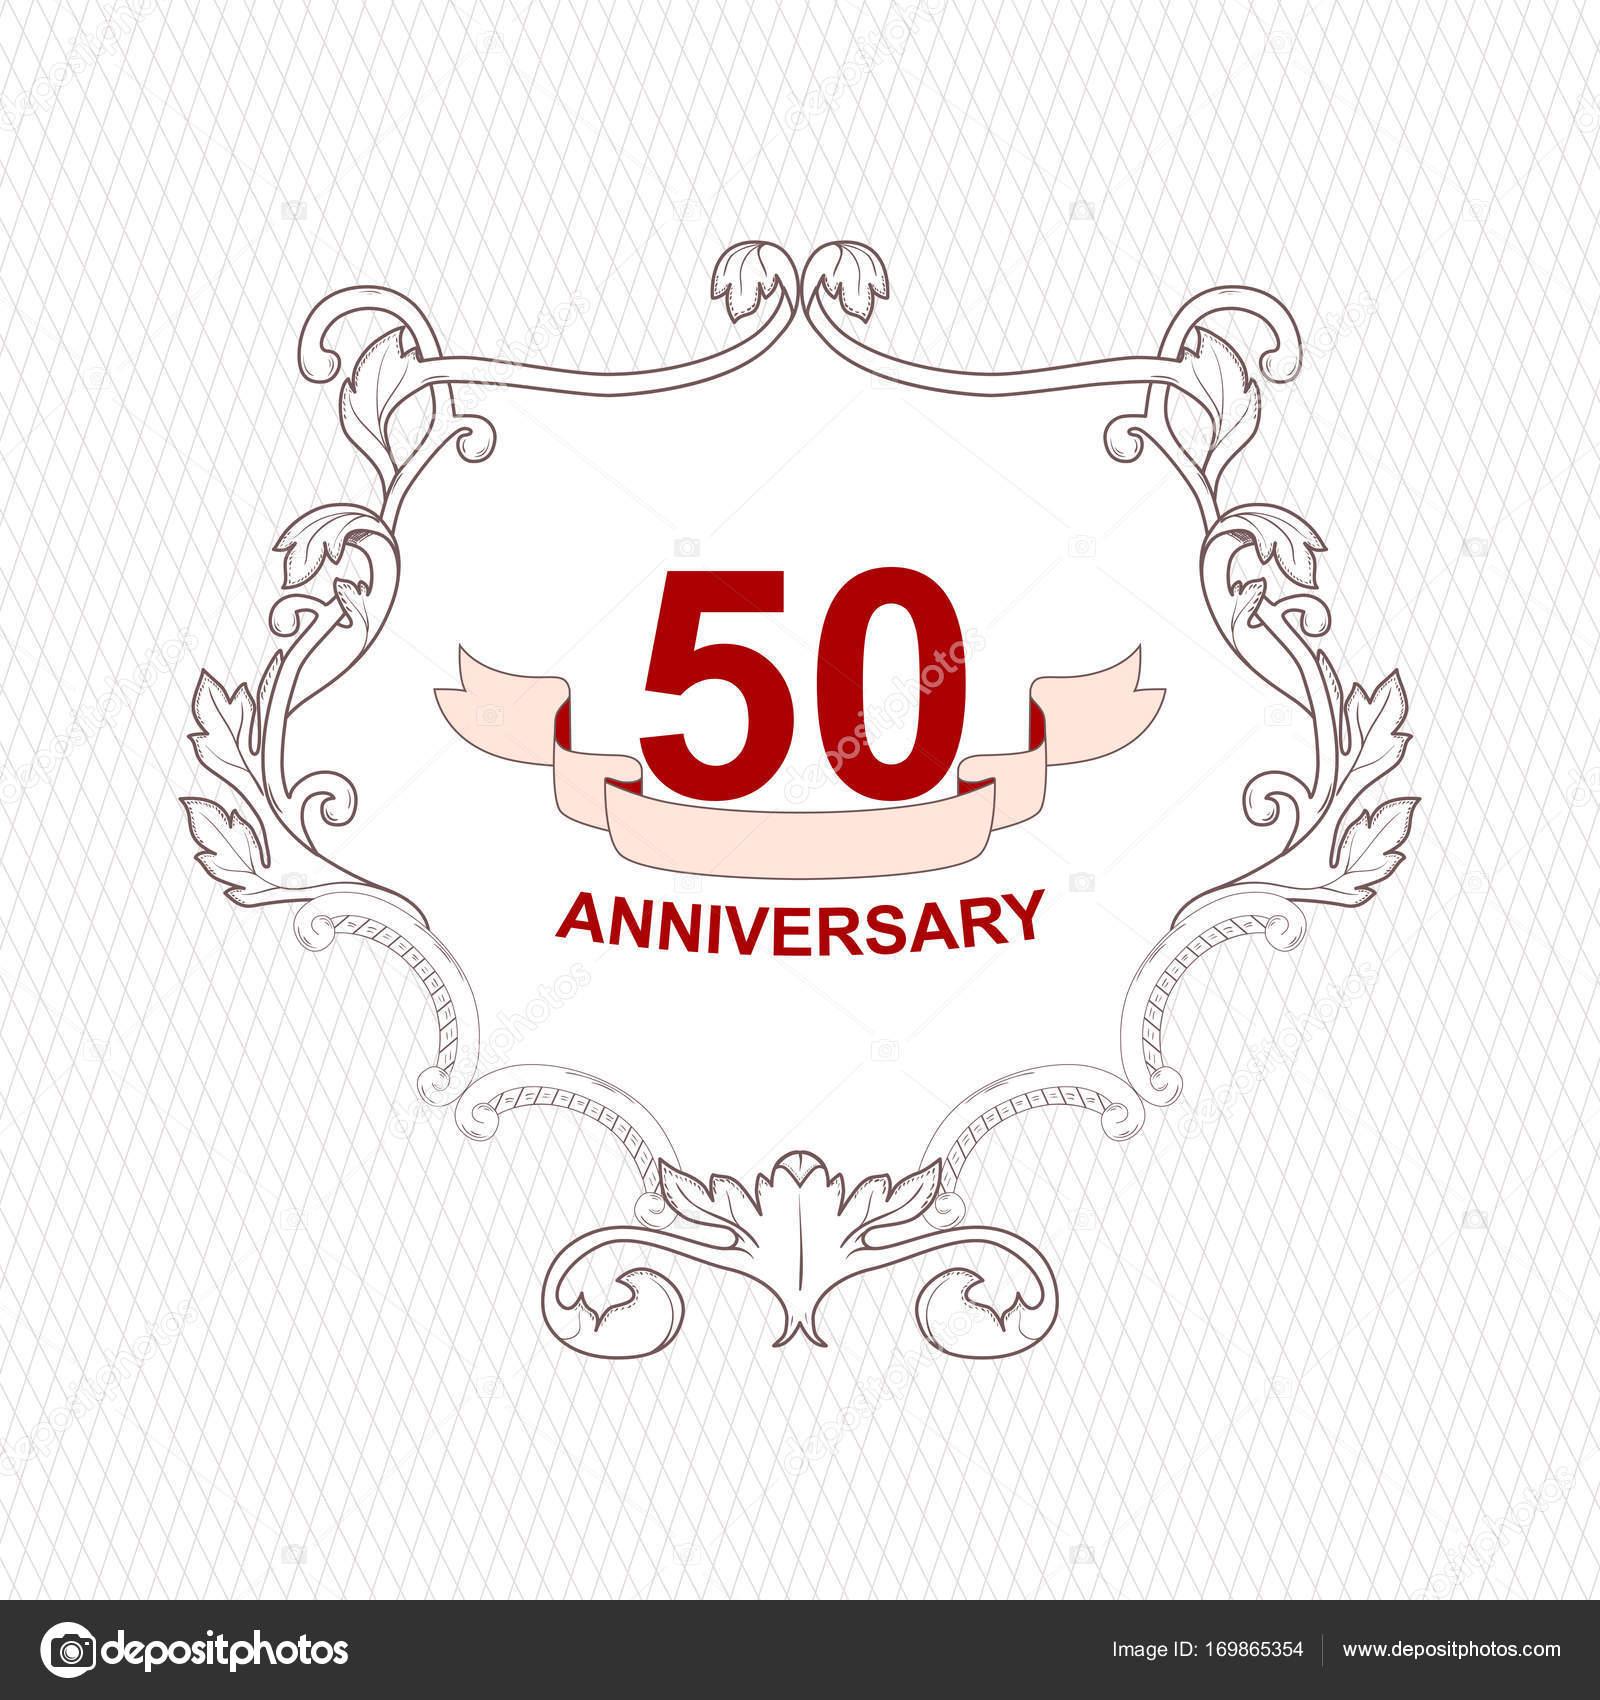 Marco decorativo antiguo vintage para celebrar el 50 aniversario ...